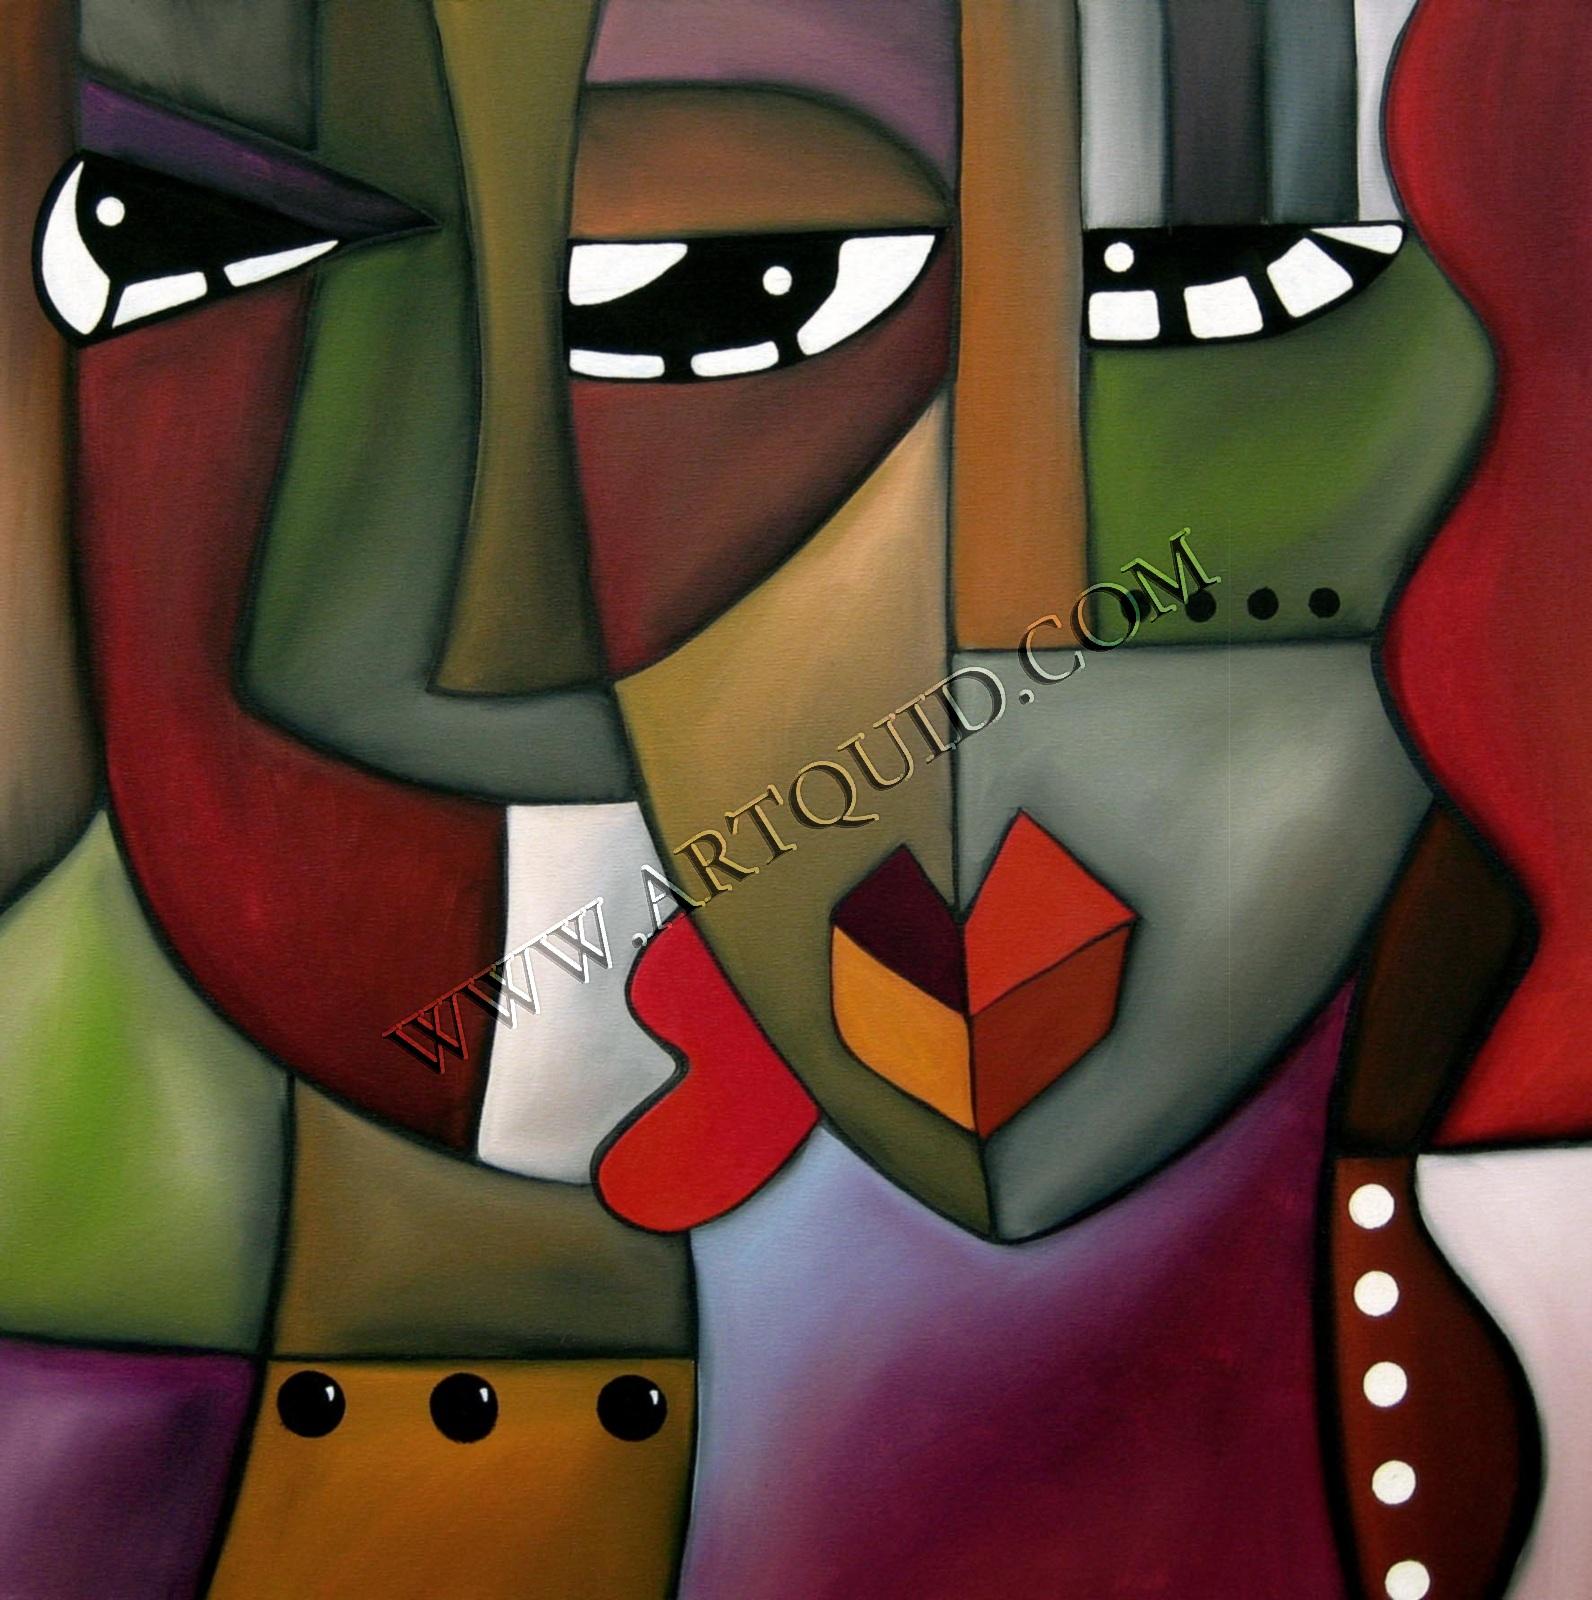 http://4.bp.blogspot.com/-q0vQq2qheHQ/TZY8ohhd9wI/AAAAAAAAAMg/38nTSwKRRbw/s1600/cubismo.jpg